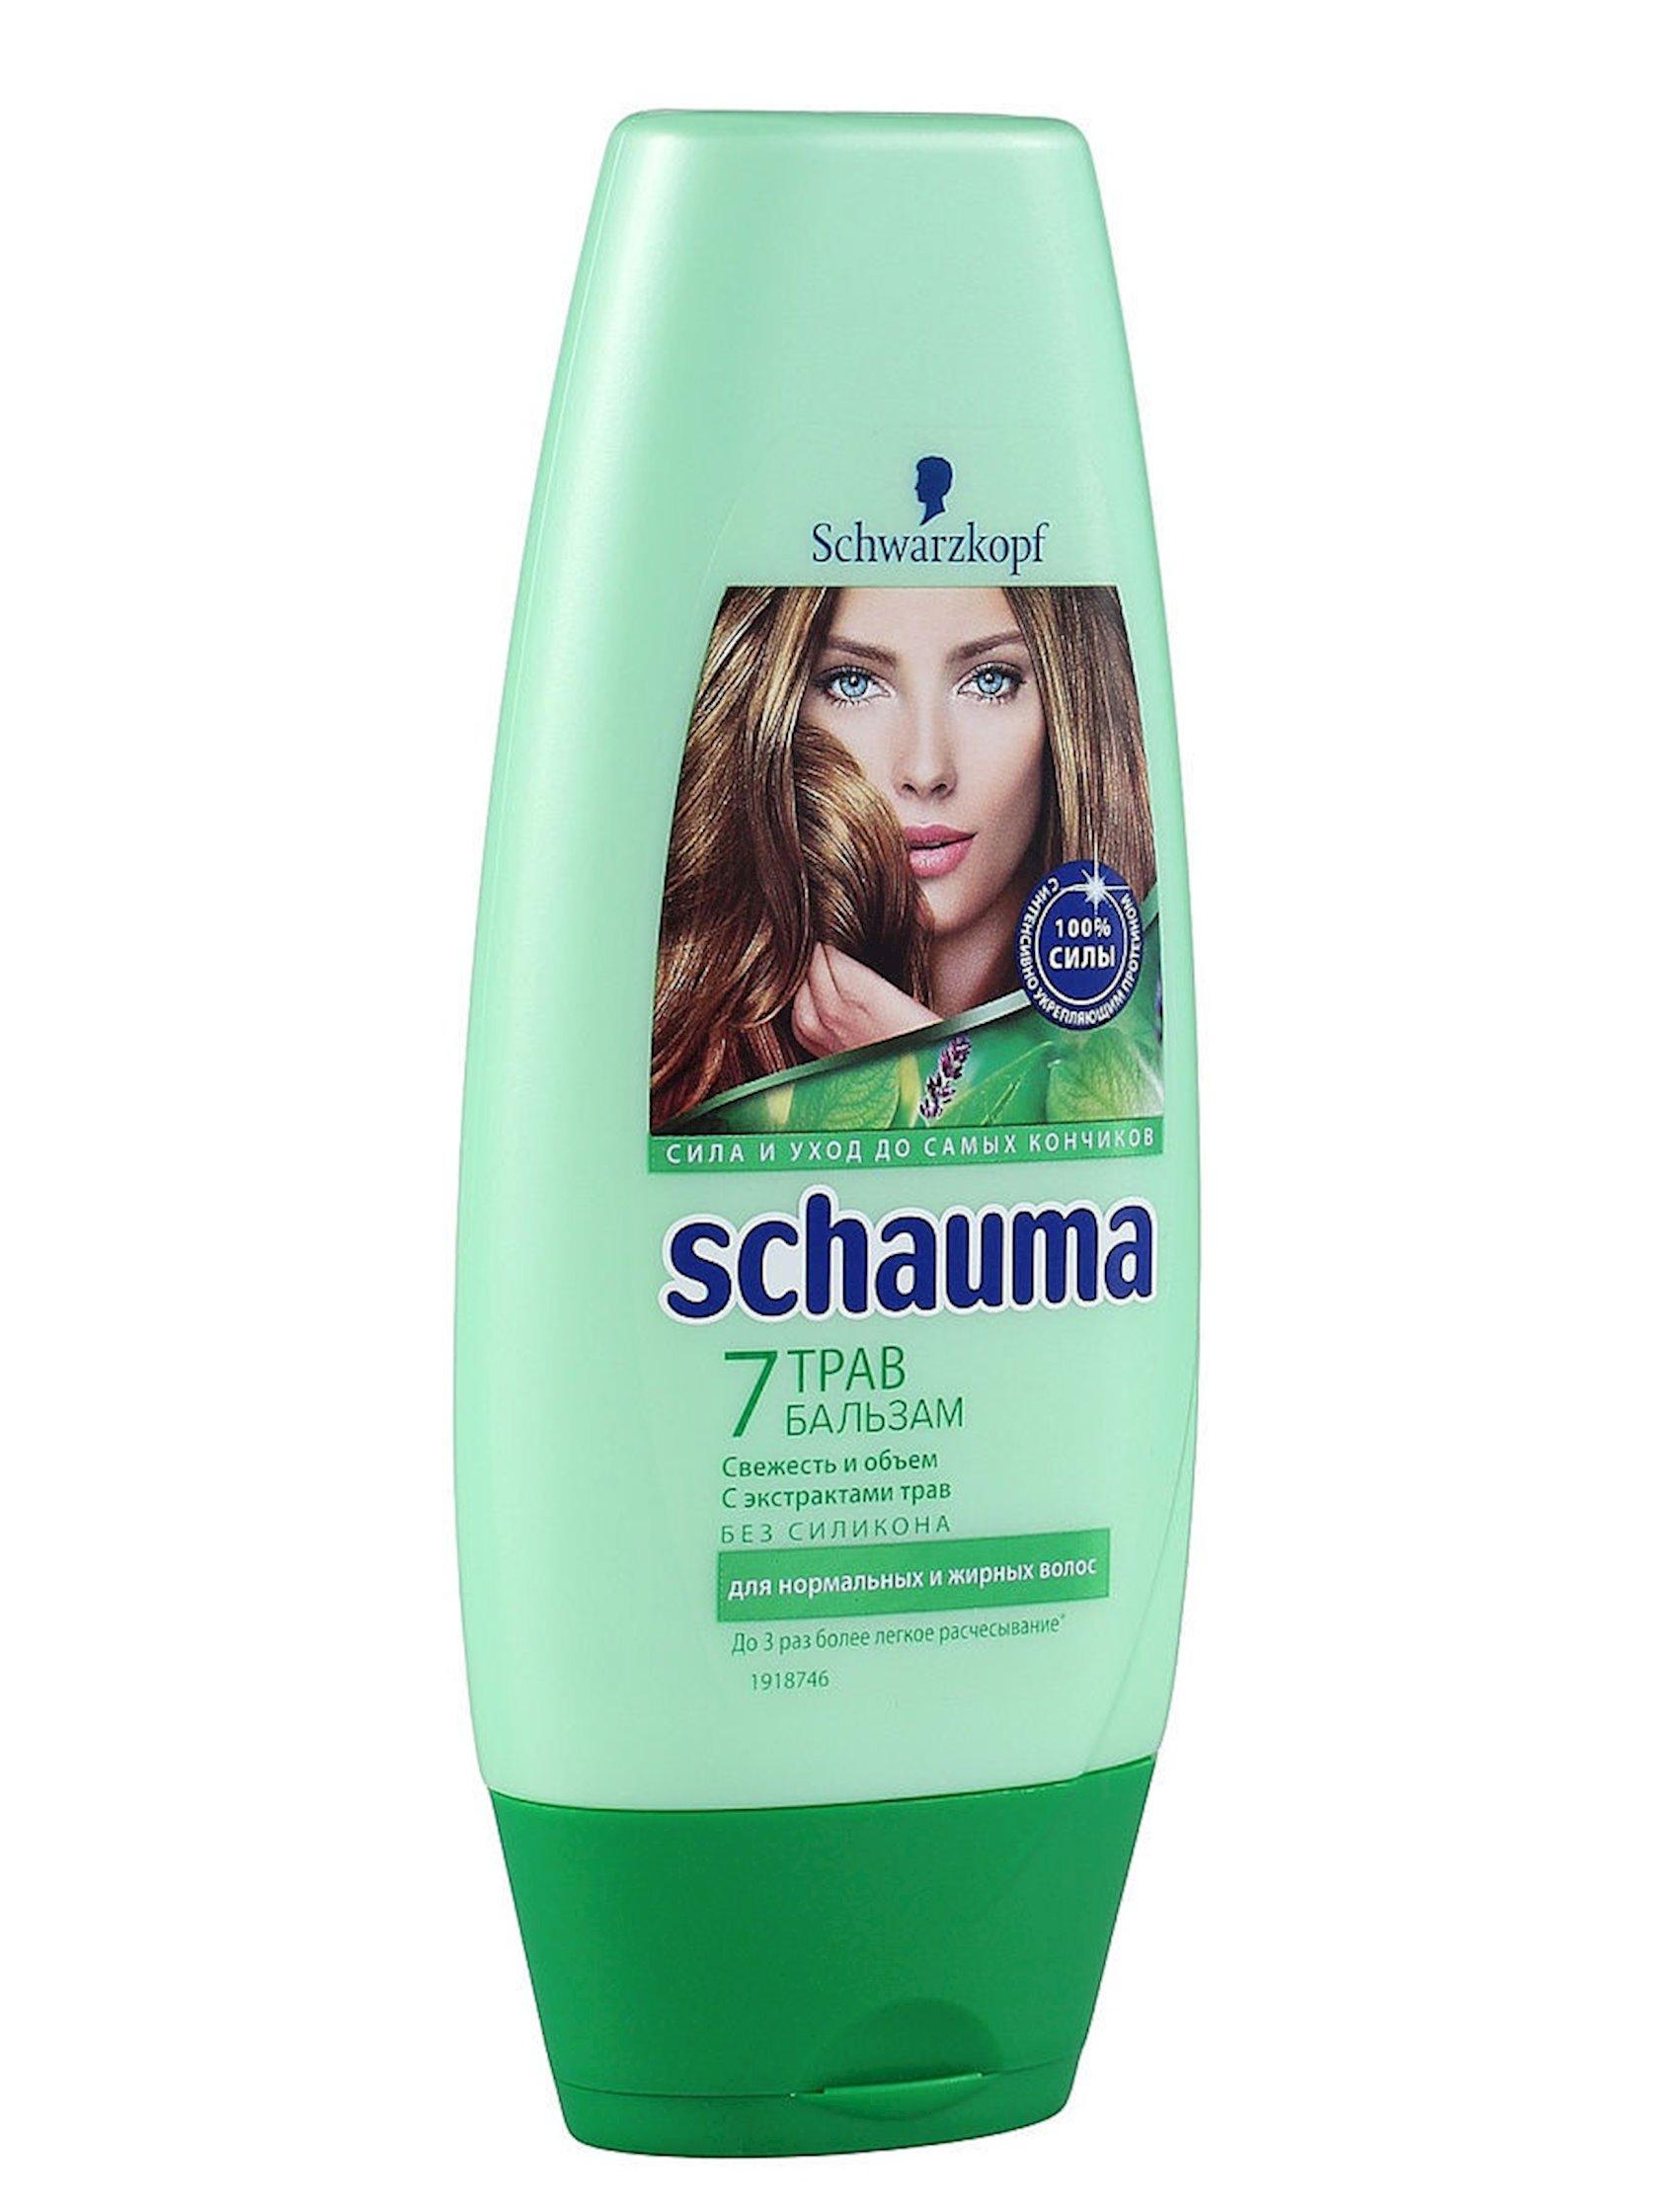 Zərdab saçlar üçün Schauma 7 Ot